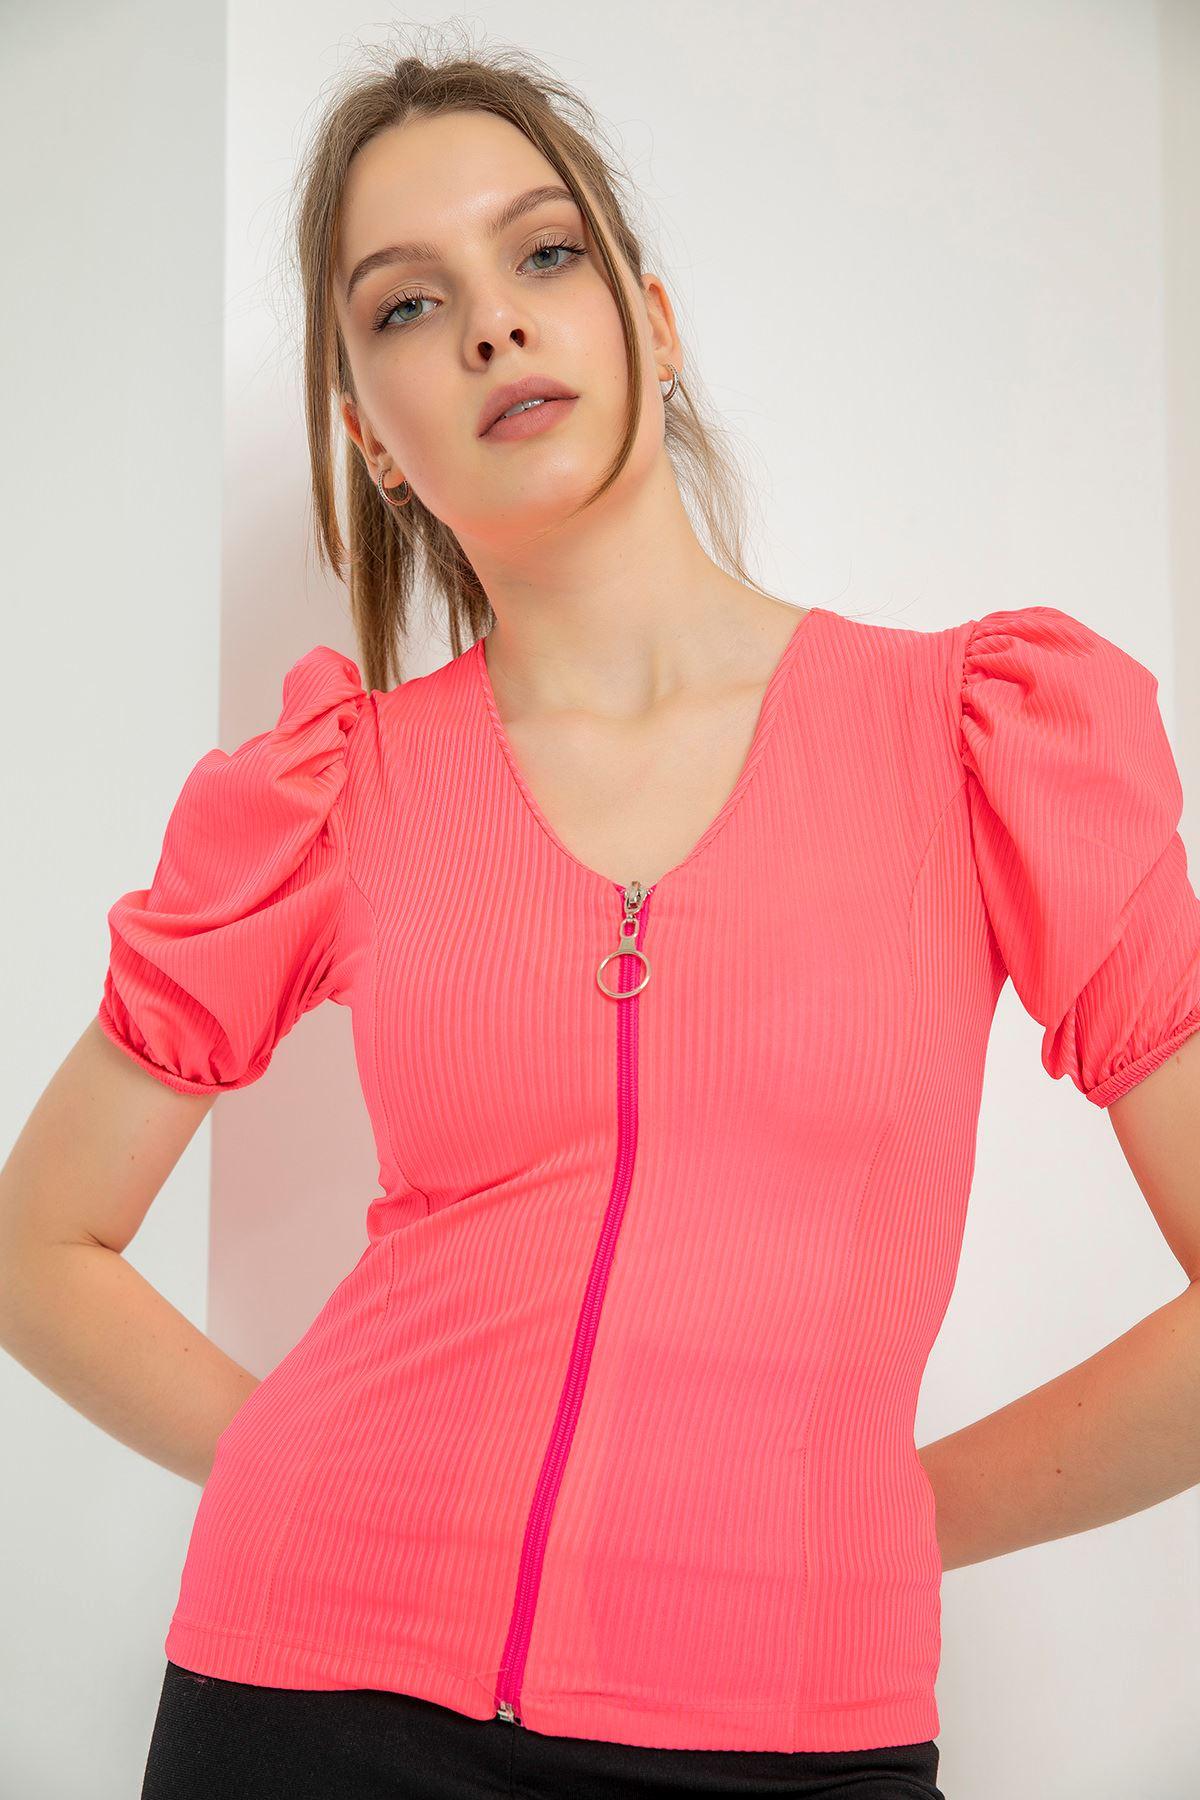 Önü Fermuarlı Kaşkorse Bluz-Neon Fuşya